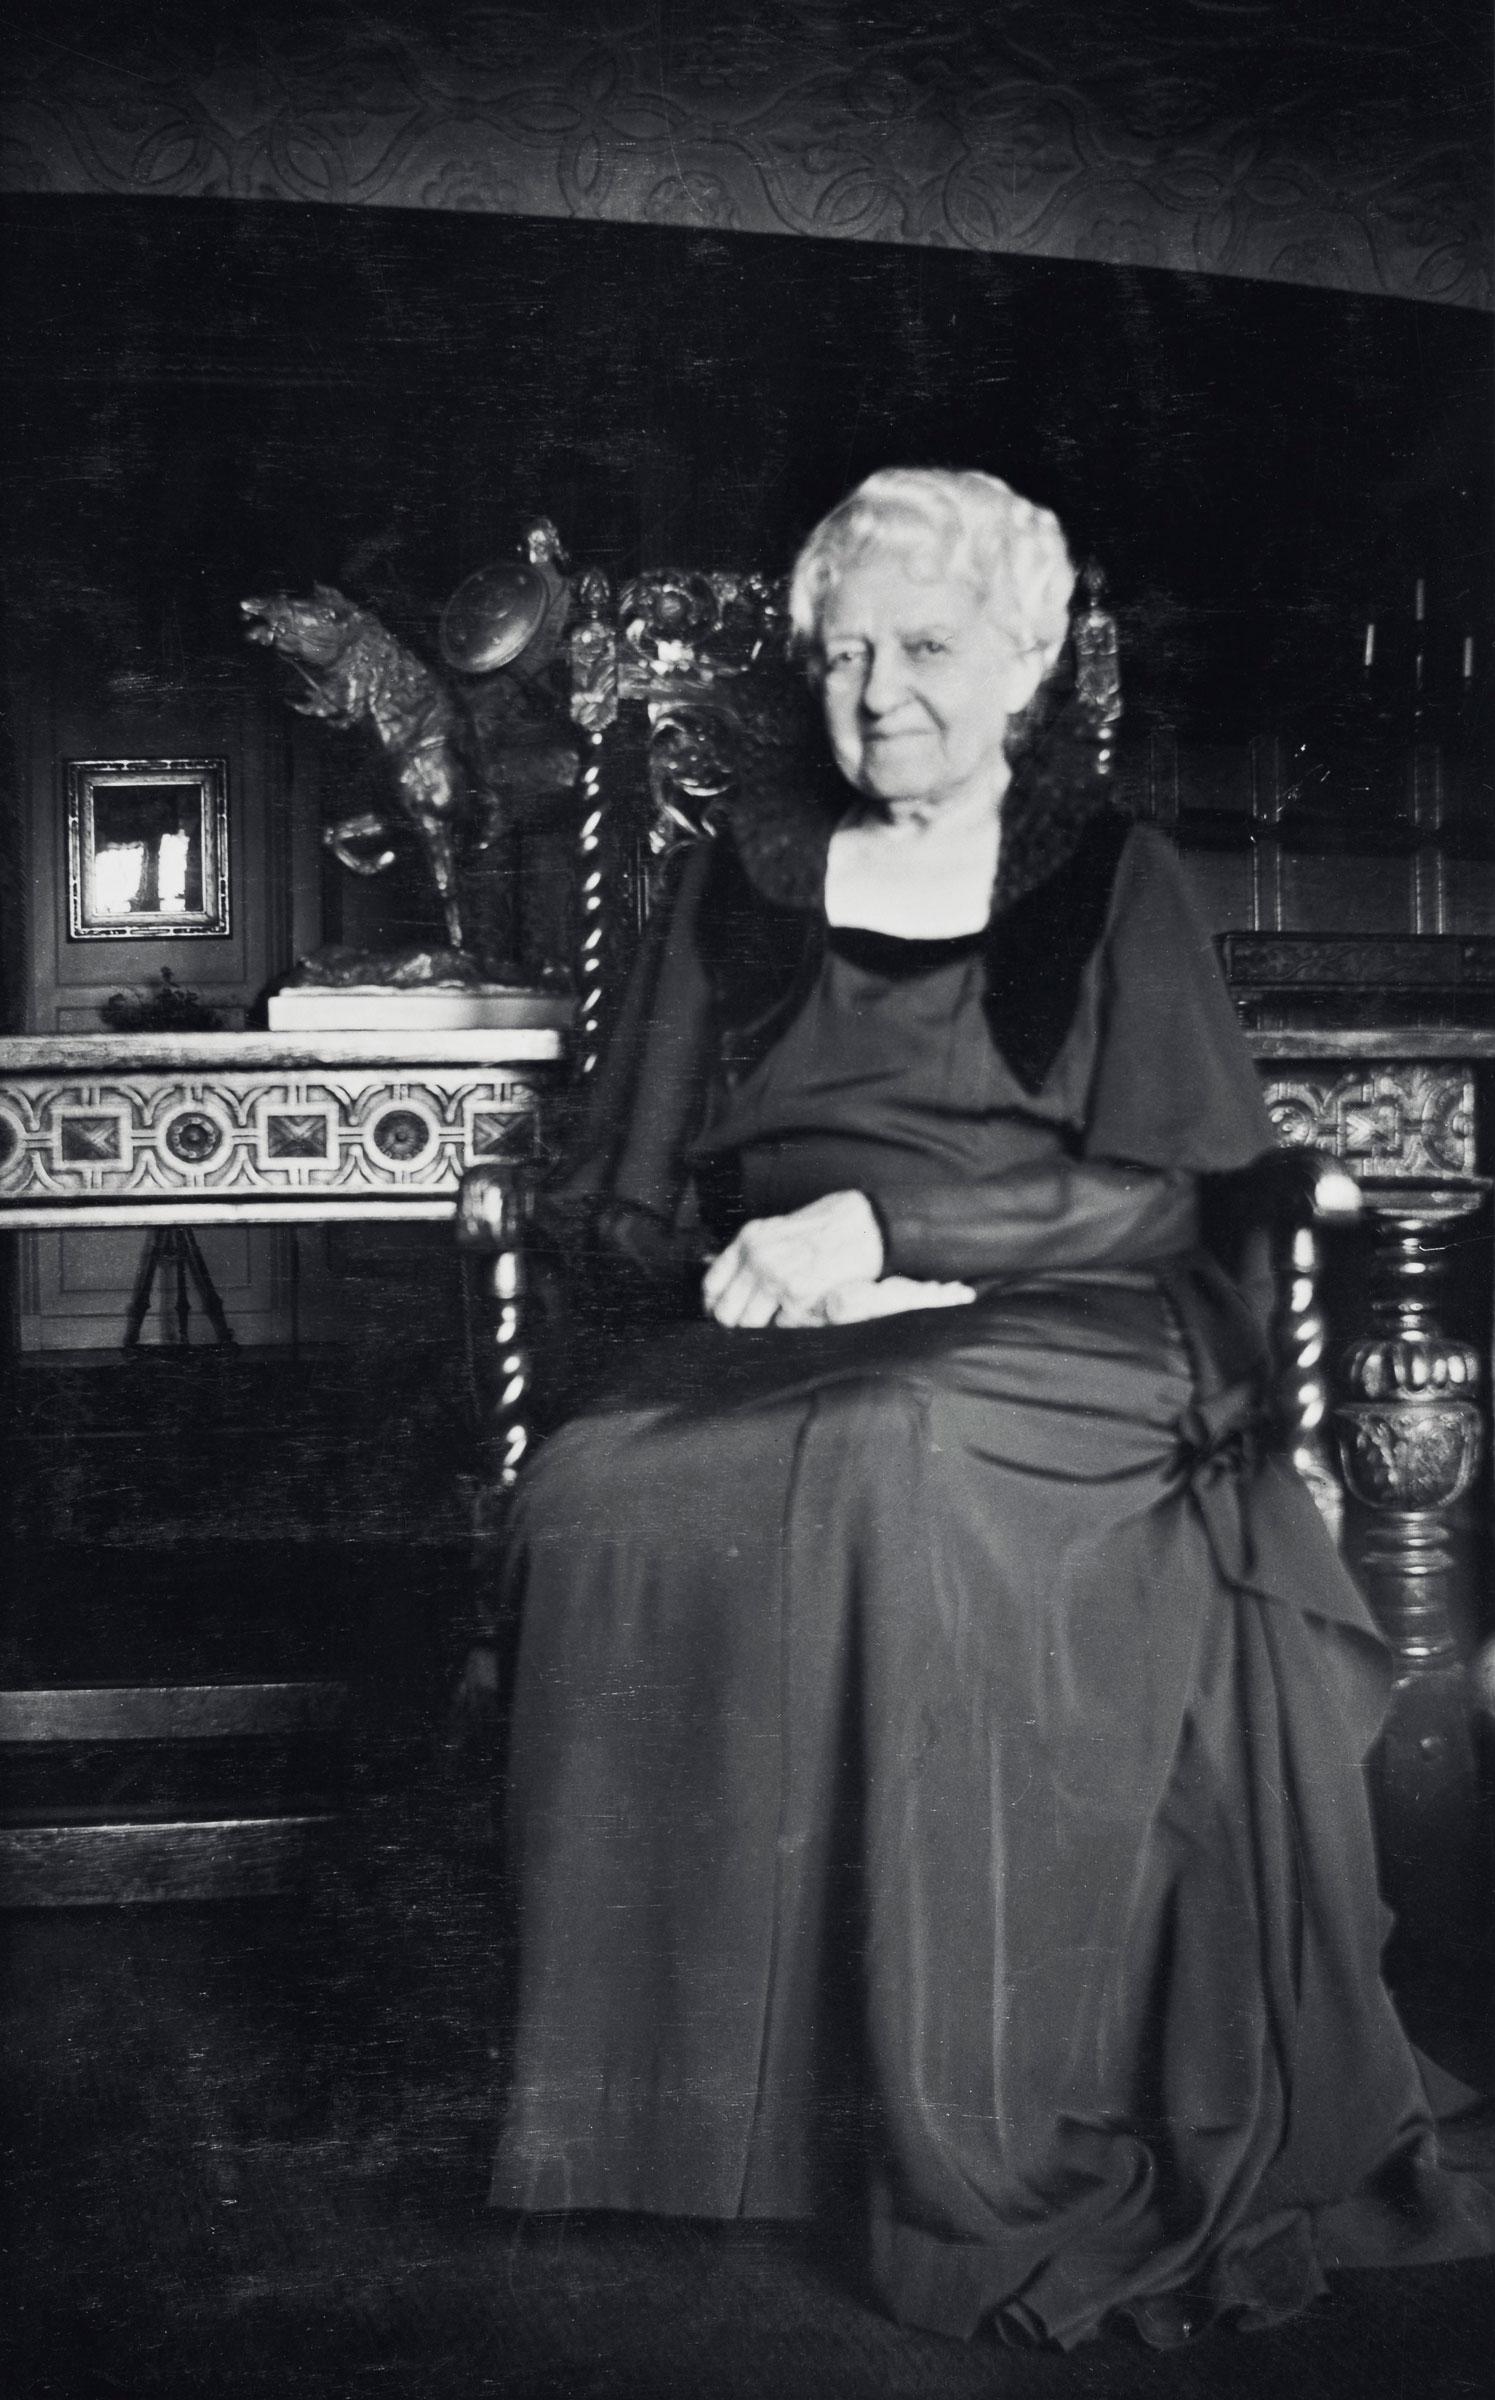 """凯特‧斯特奇斯‧白金汉(1858-1937)(也称为""""芝加哥最高贵的单身女子"""")捐赠一批豇豆红釉瓷器和其他珍藏予芝加哥艺术博物馆。© The Art Institute of Chicago"""